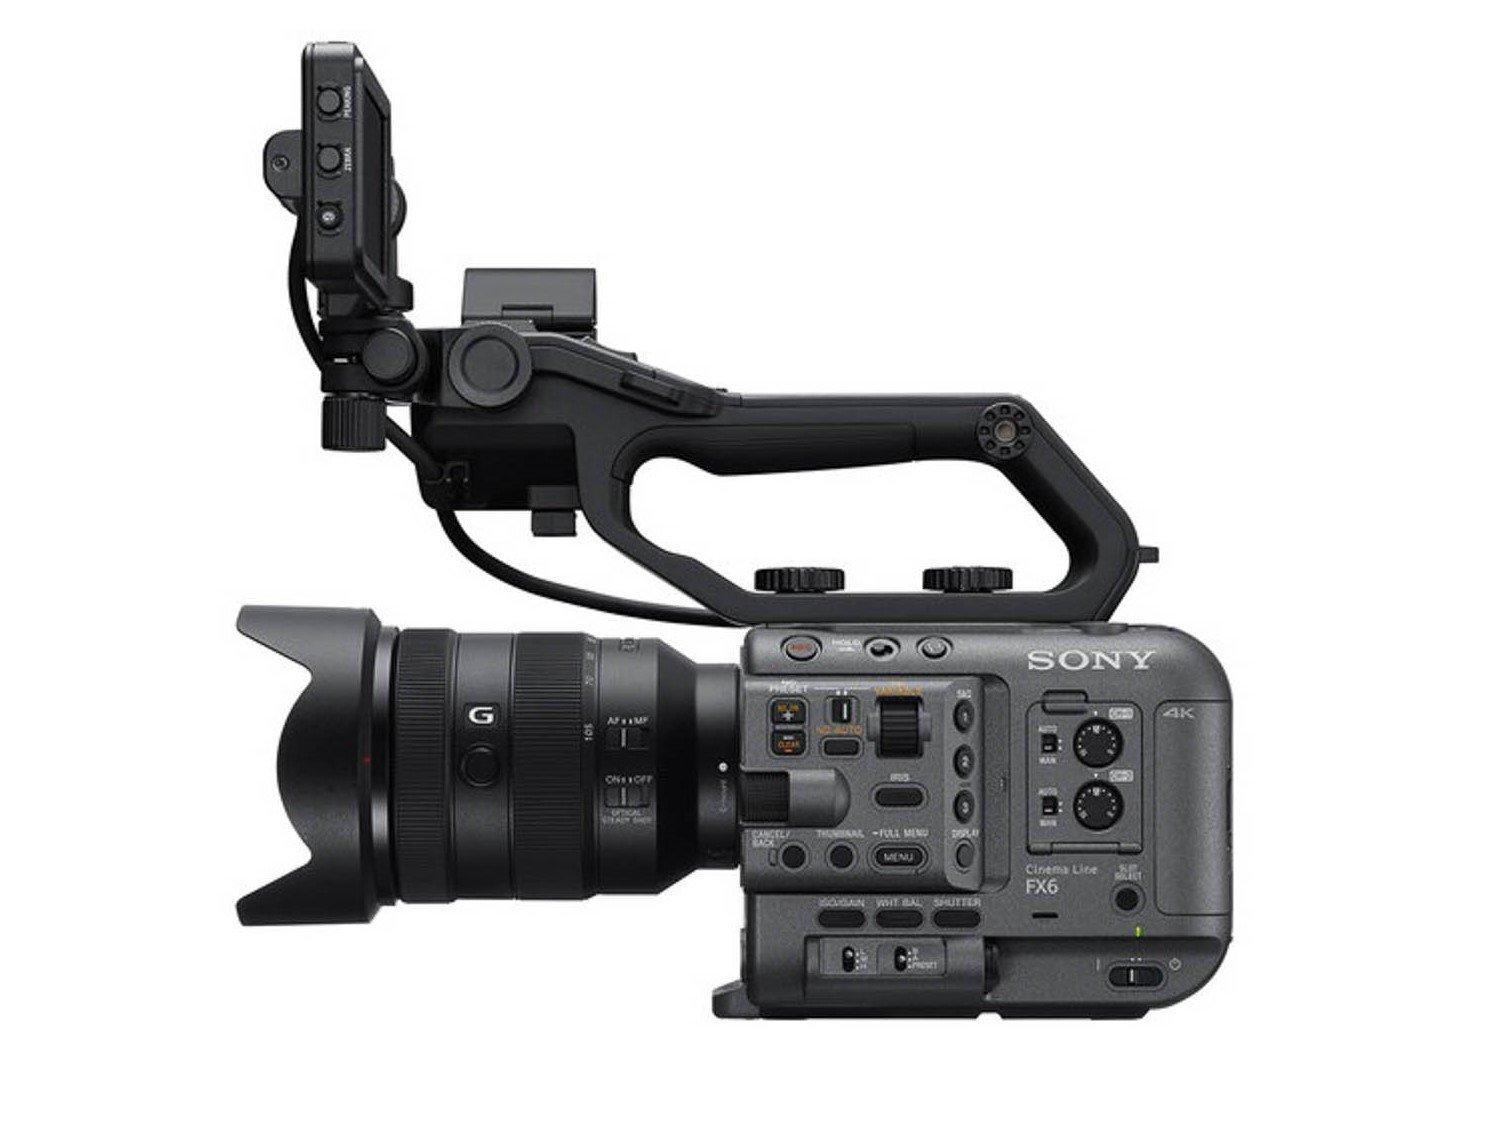 Sony FX6 annuncio